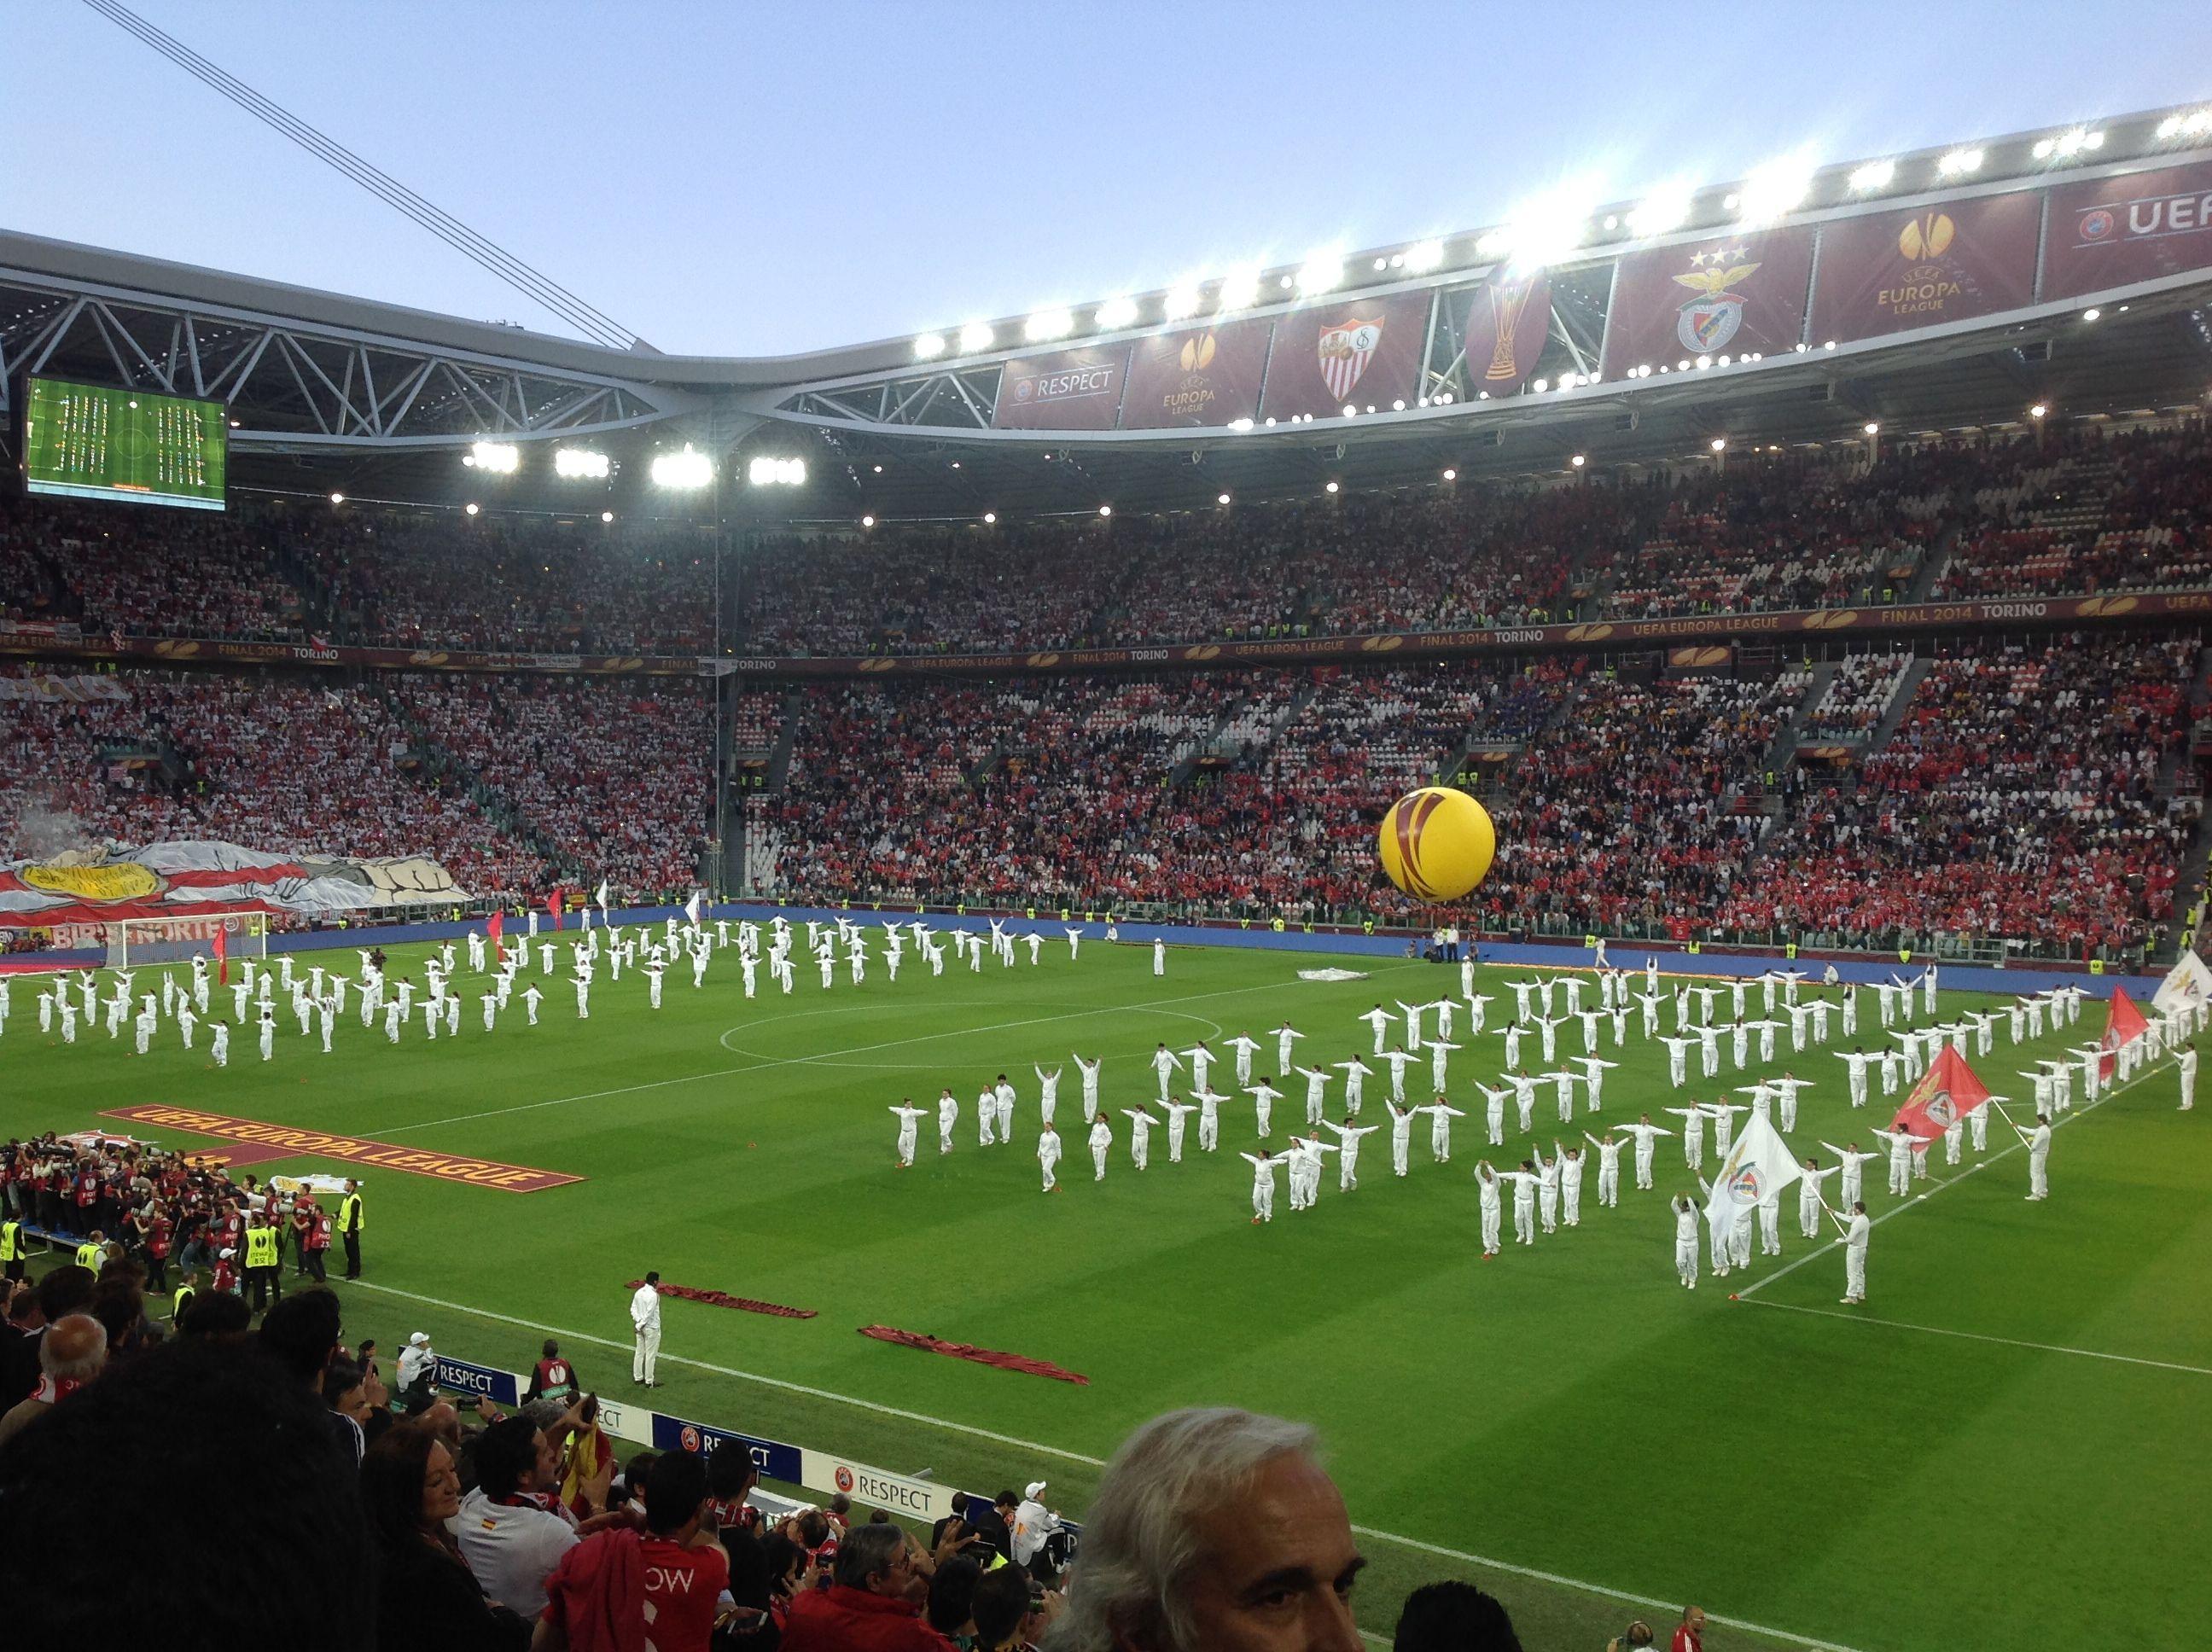 Cerimonia dapertura finale europa league 2014